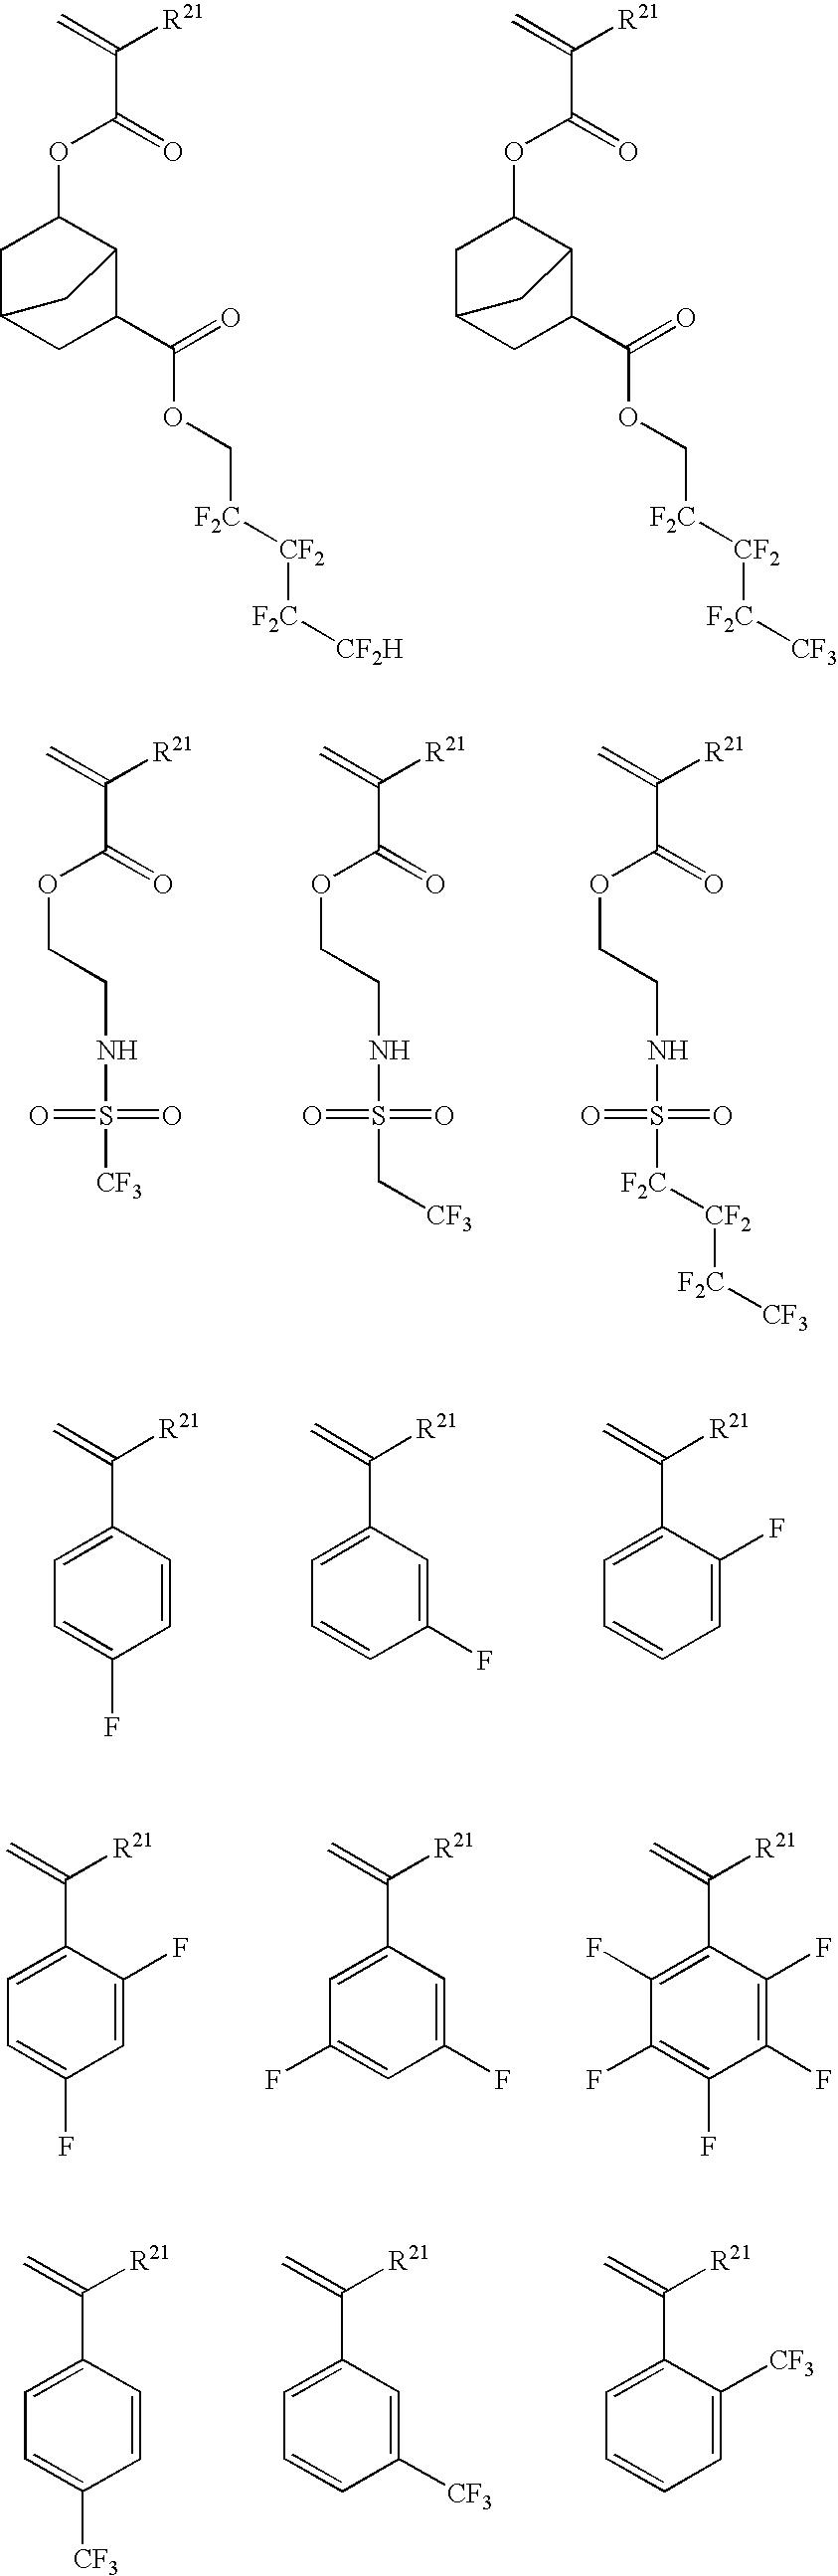 Figure US20100178617A1-20100715-C00065